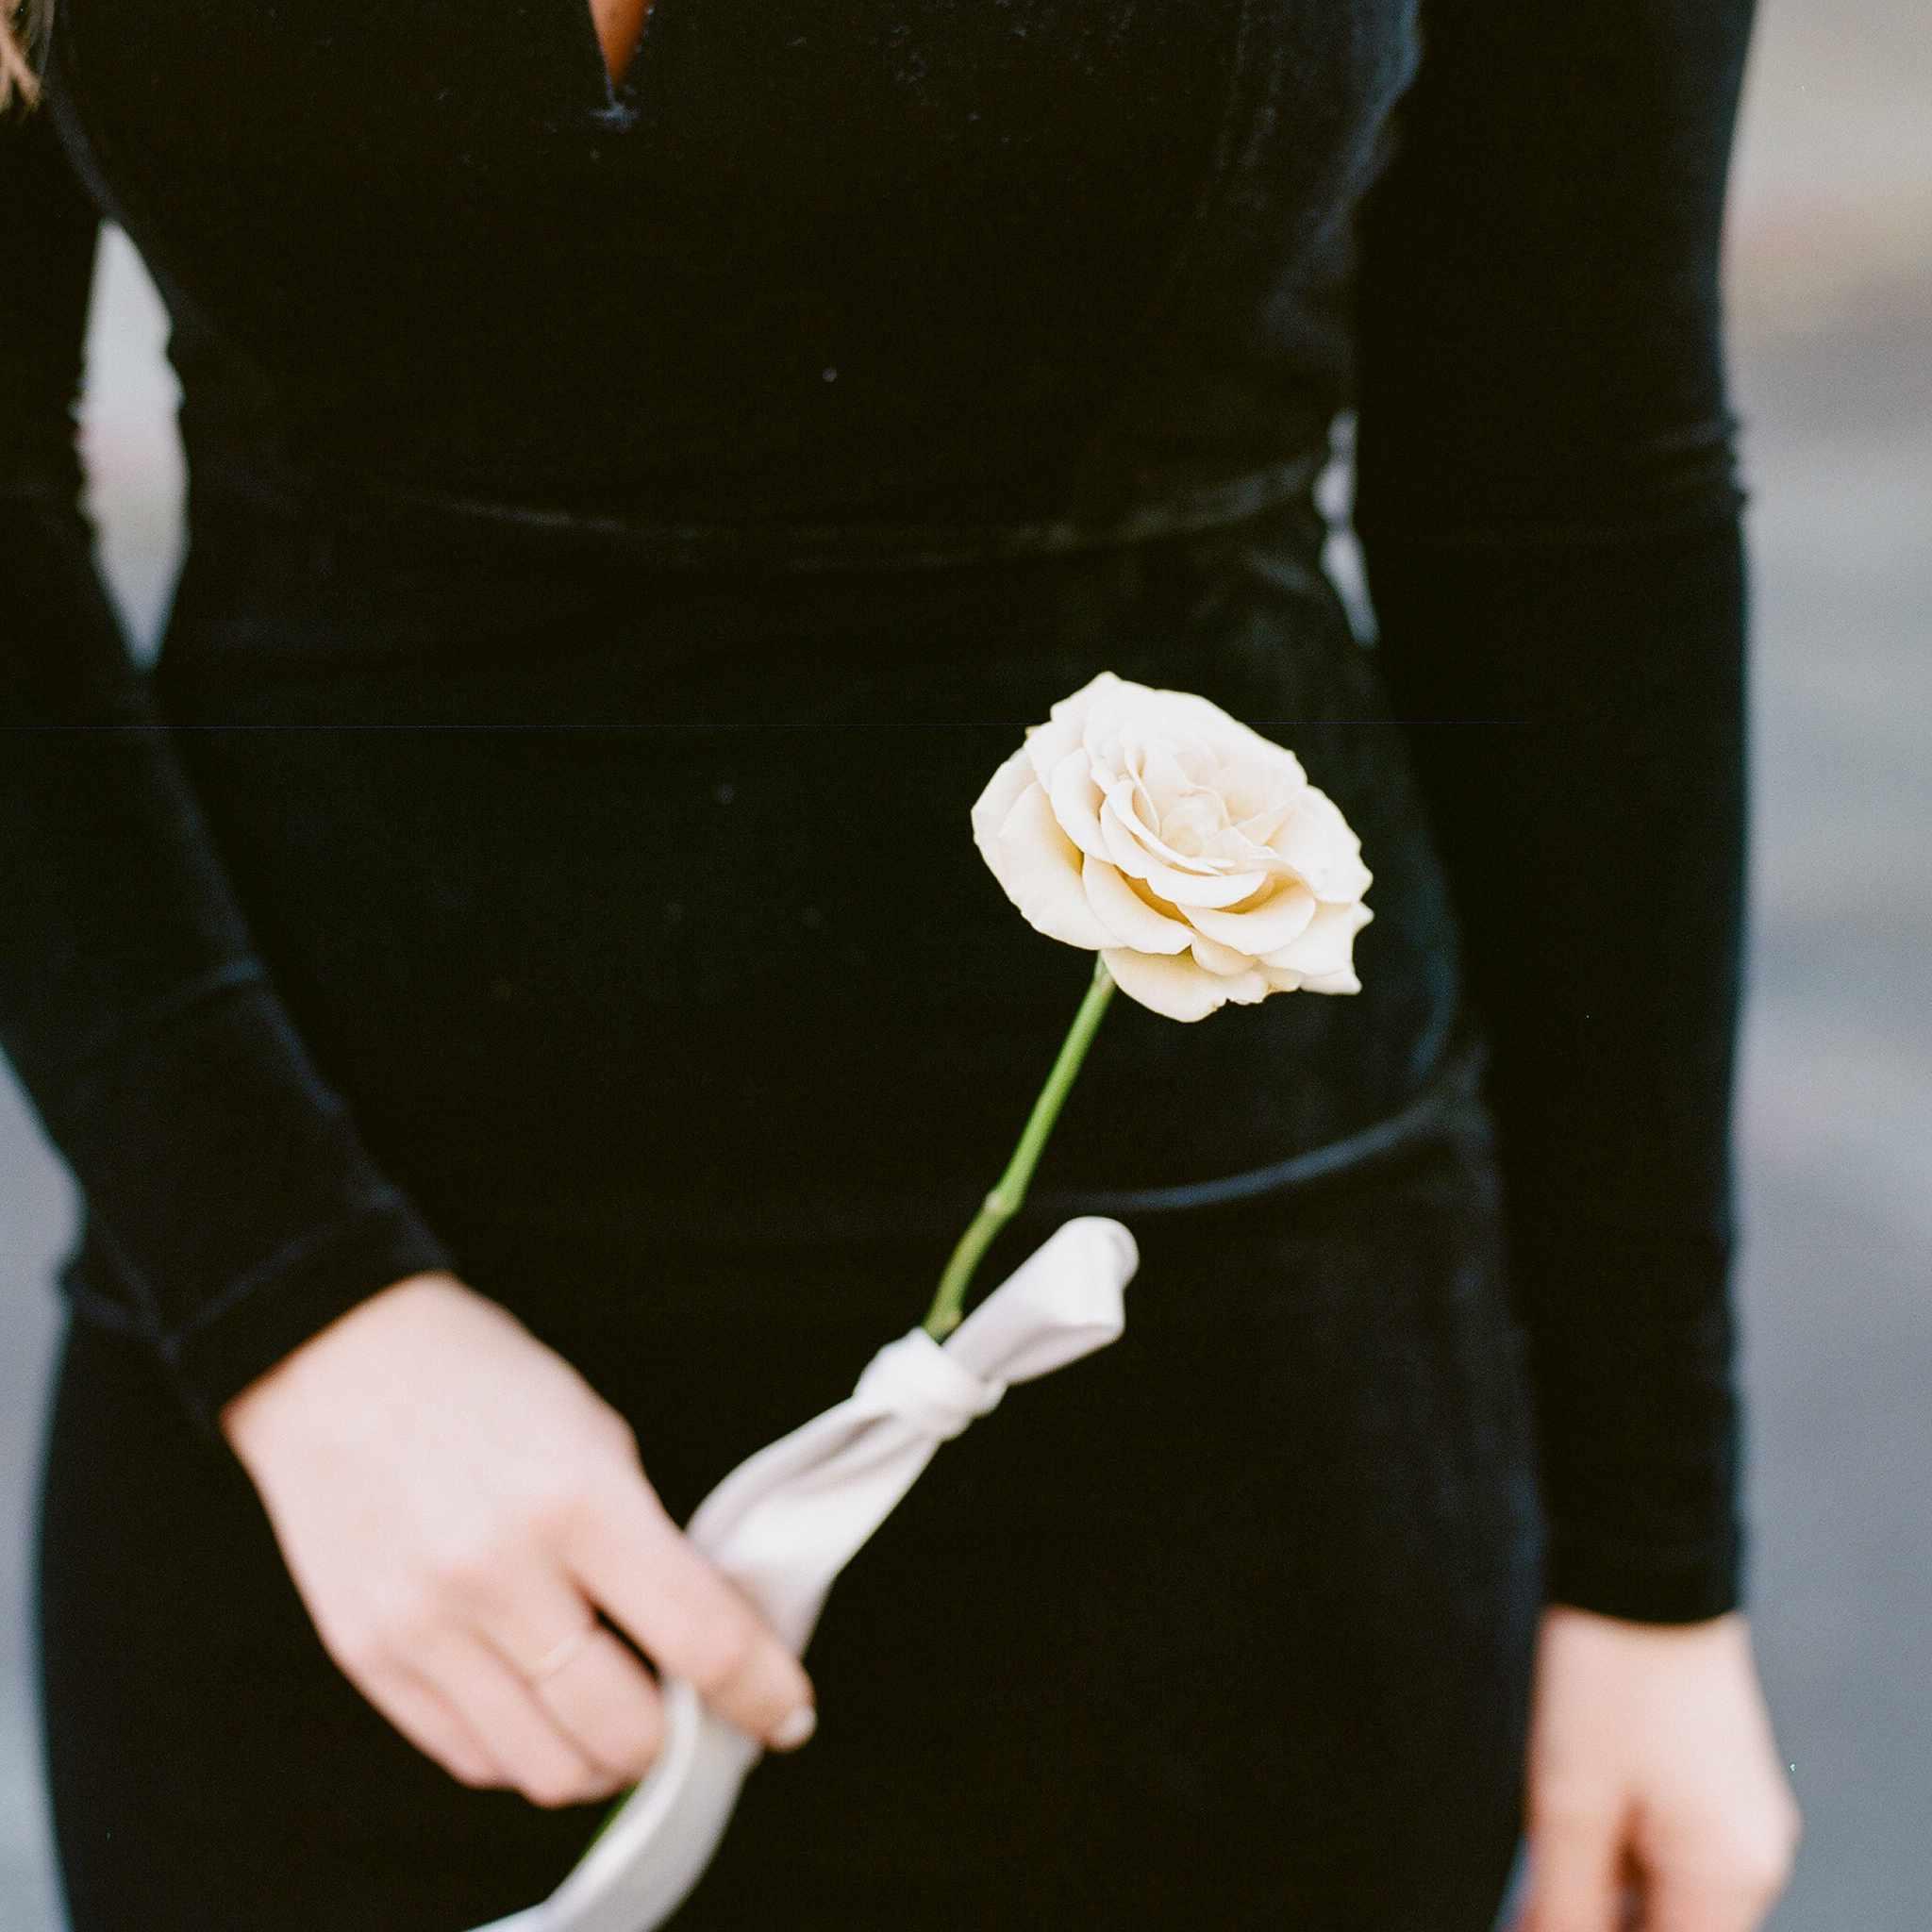 Bride in velvet holding a single rose stem